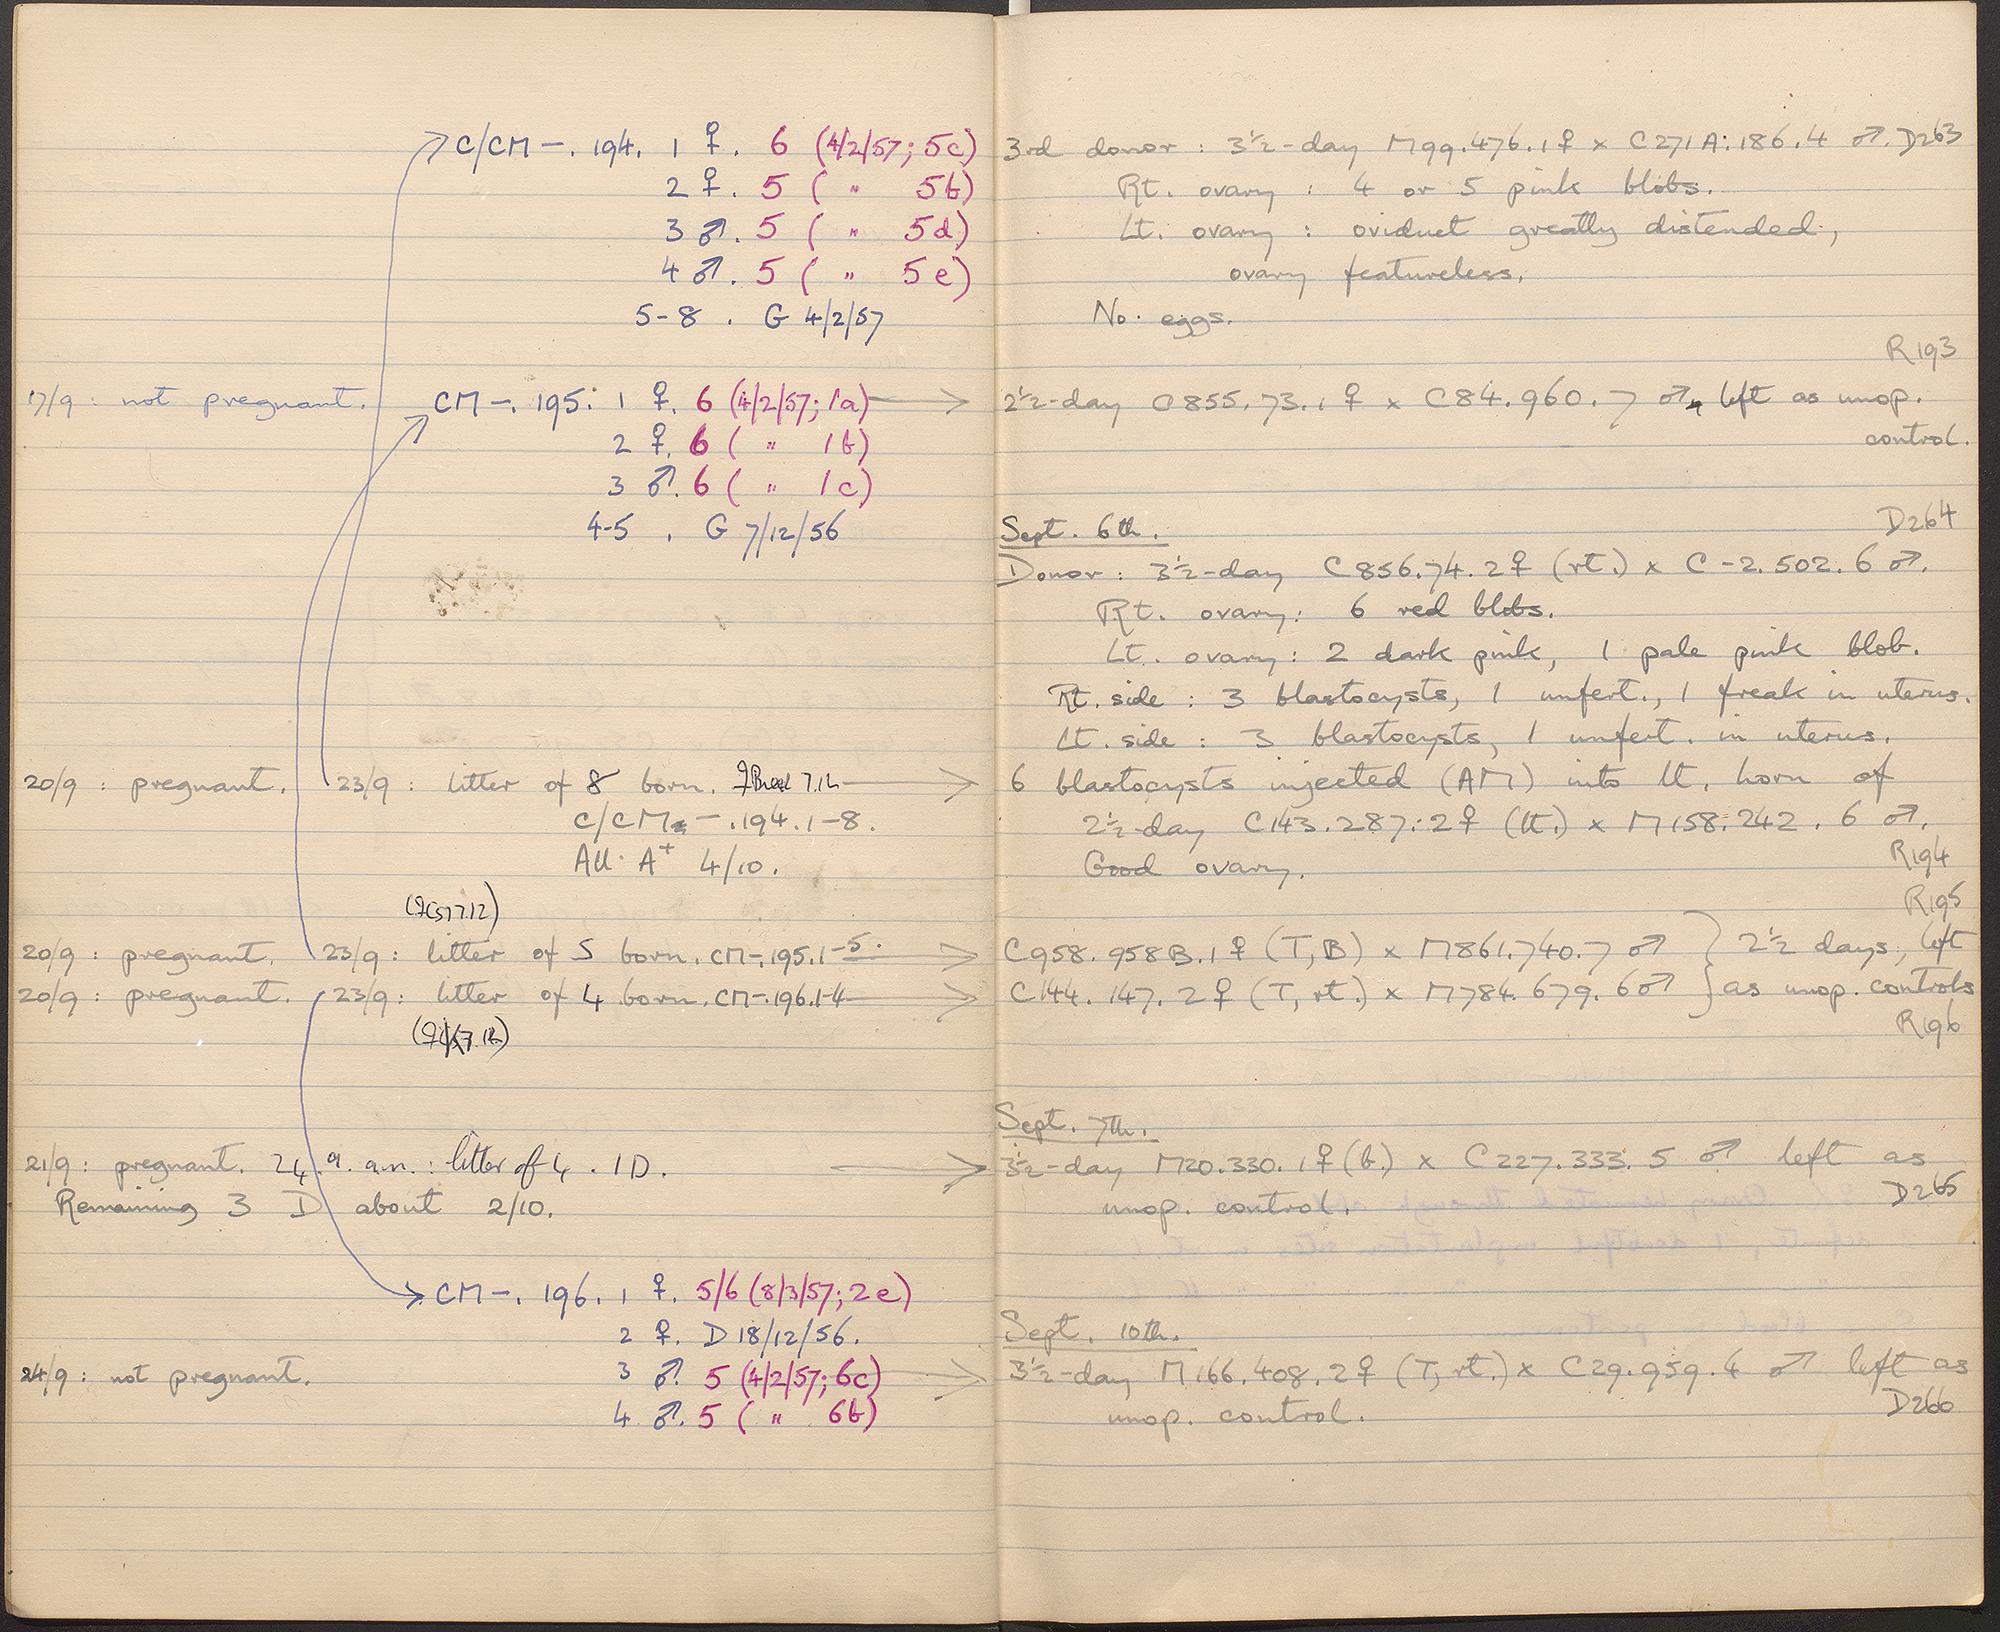 Anne McLaren note book_0006